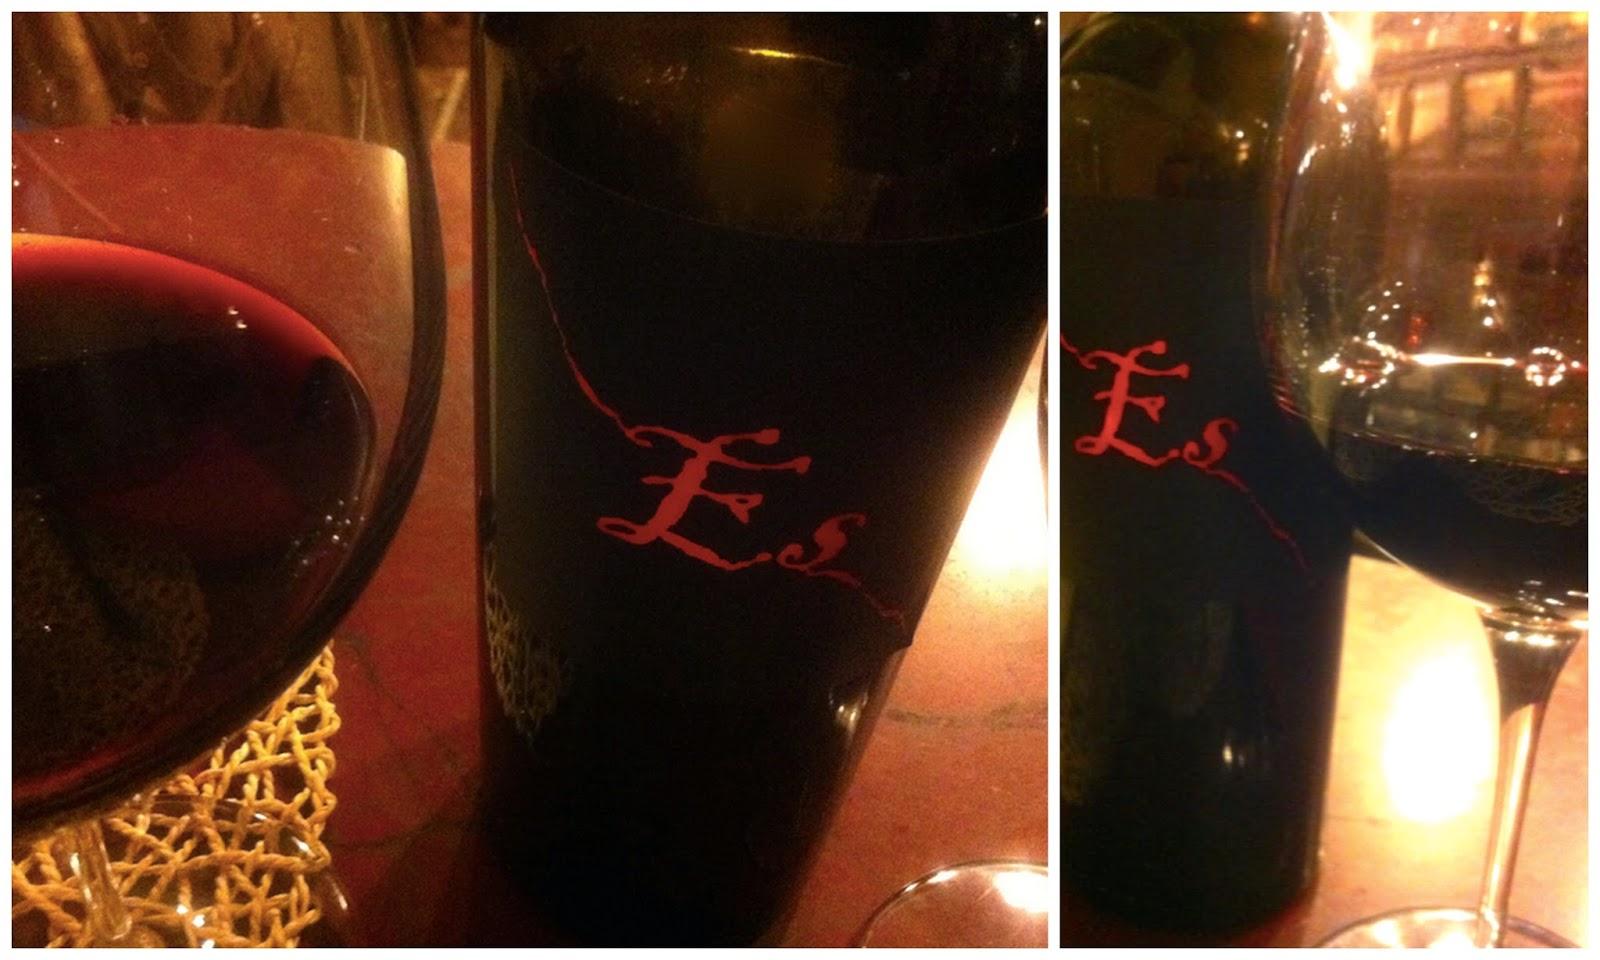 красное вино Апулия Примитиво лучшее вино Италии джанфранко фино эс 2010 gianfranco fino es